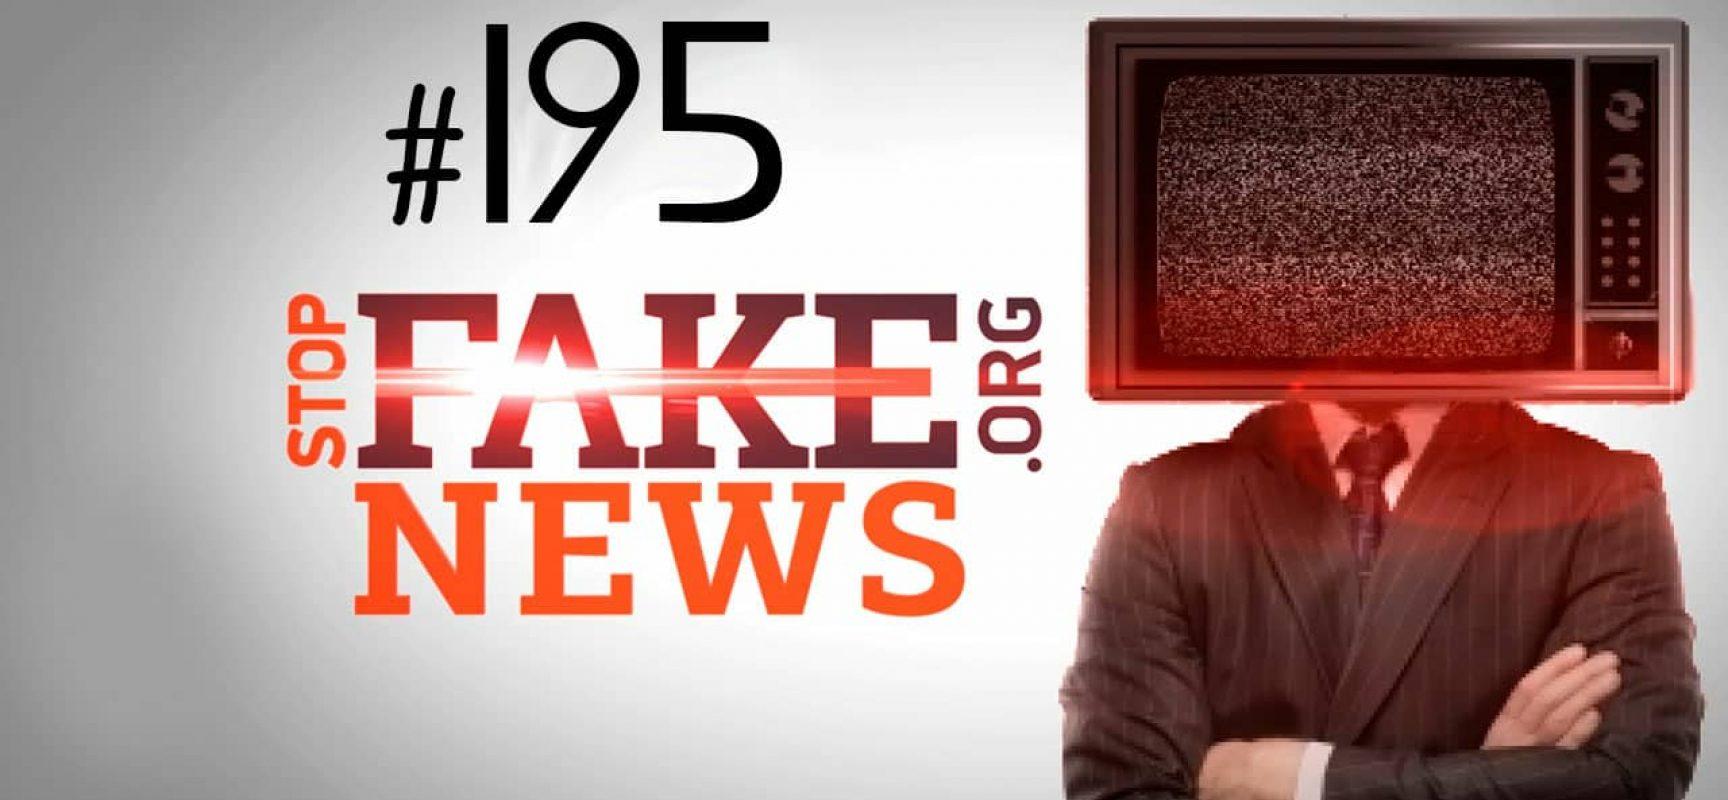 Русский язык снова в опасности, а Украина — лидер по антисемитизму — SFN #195